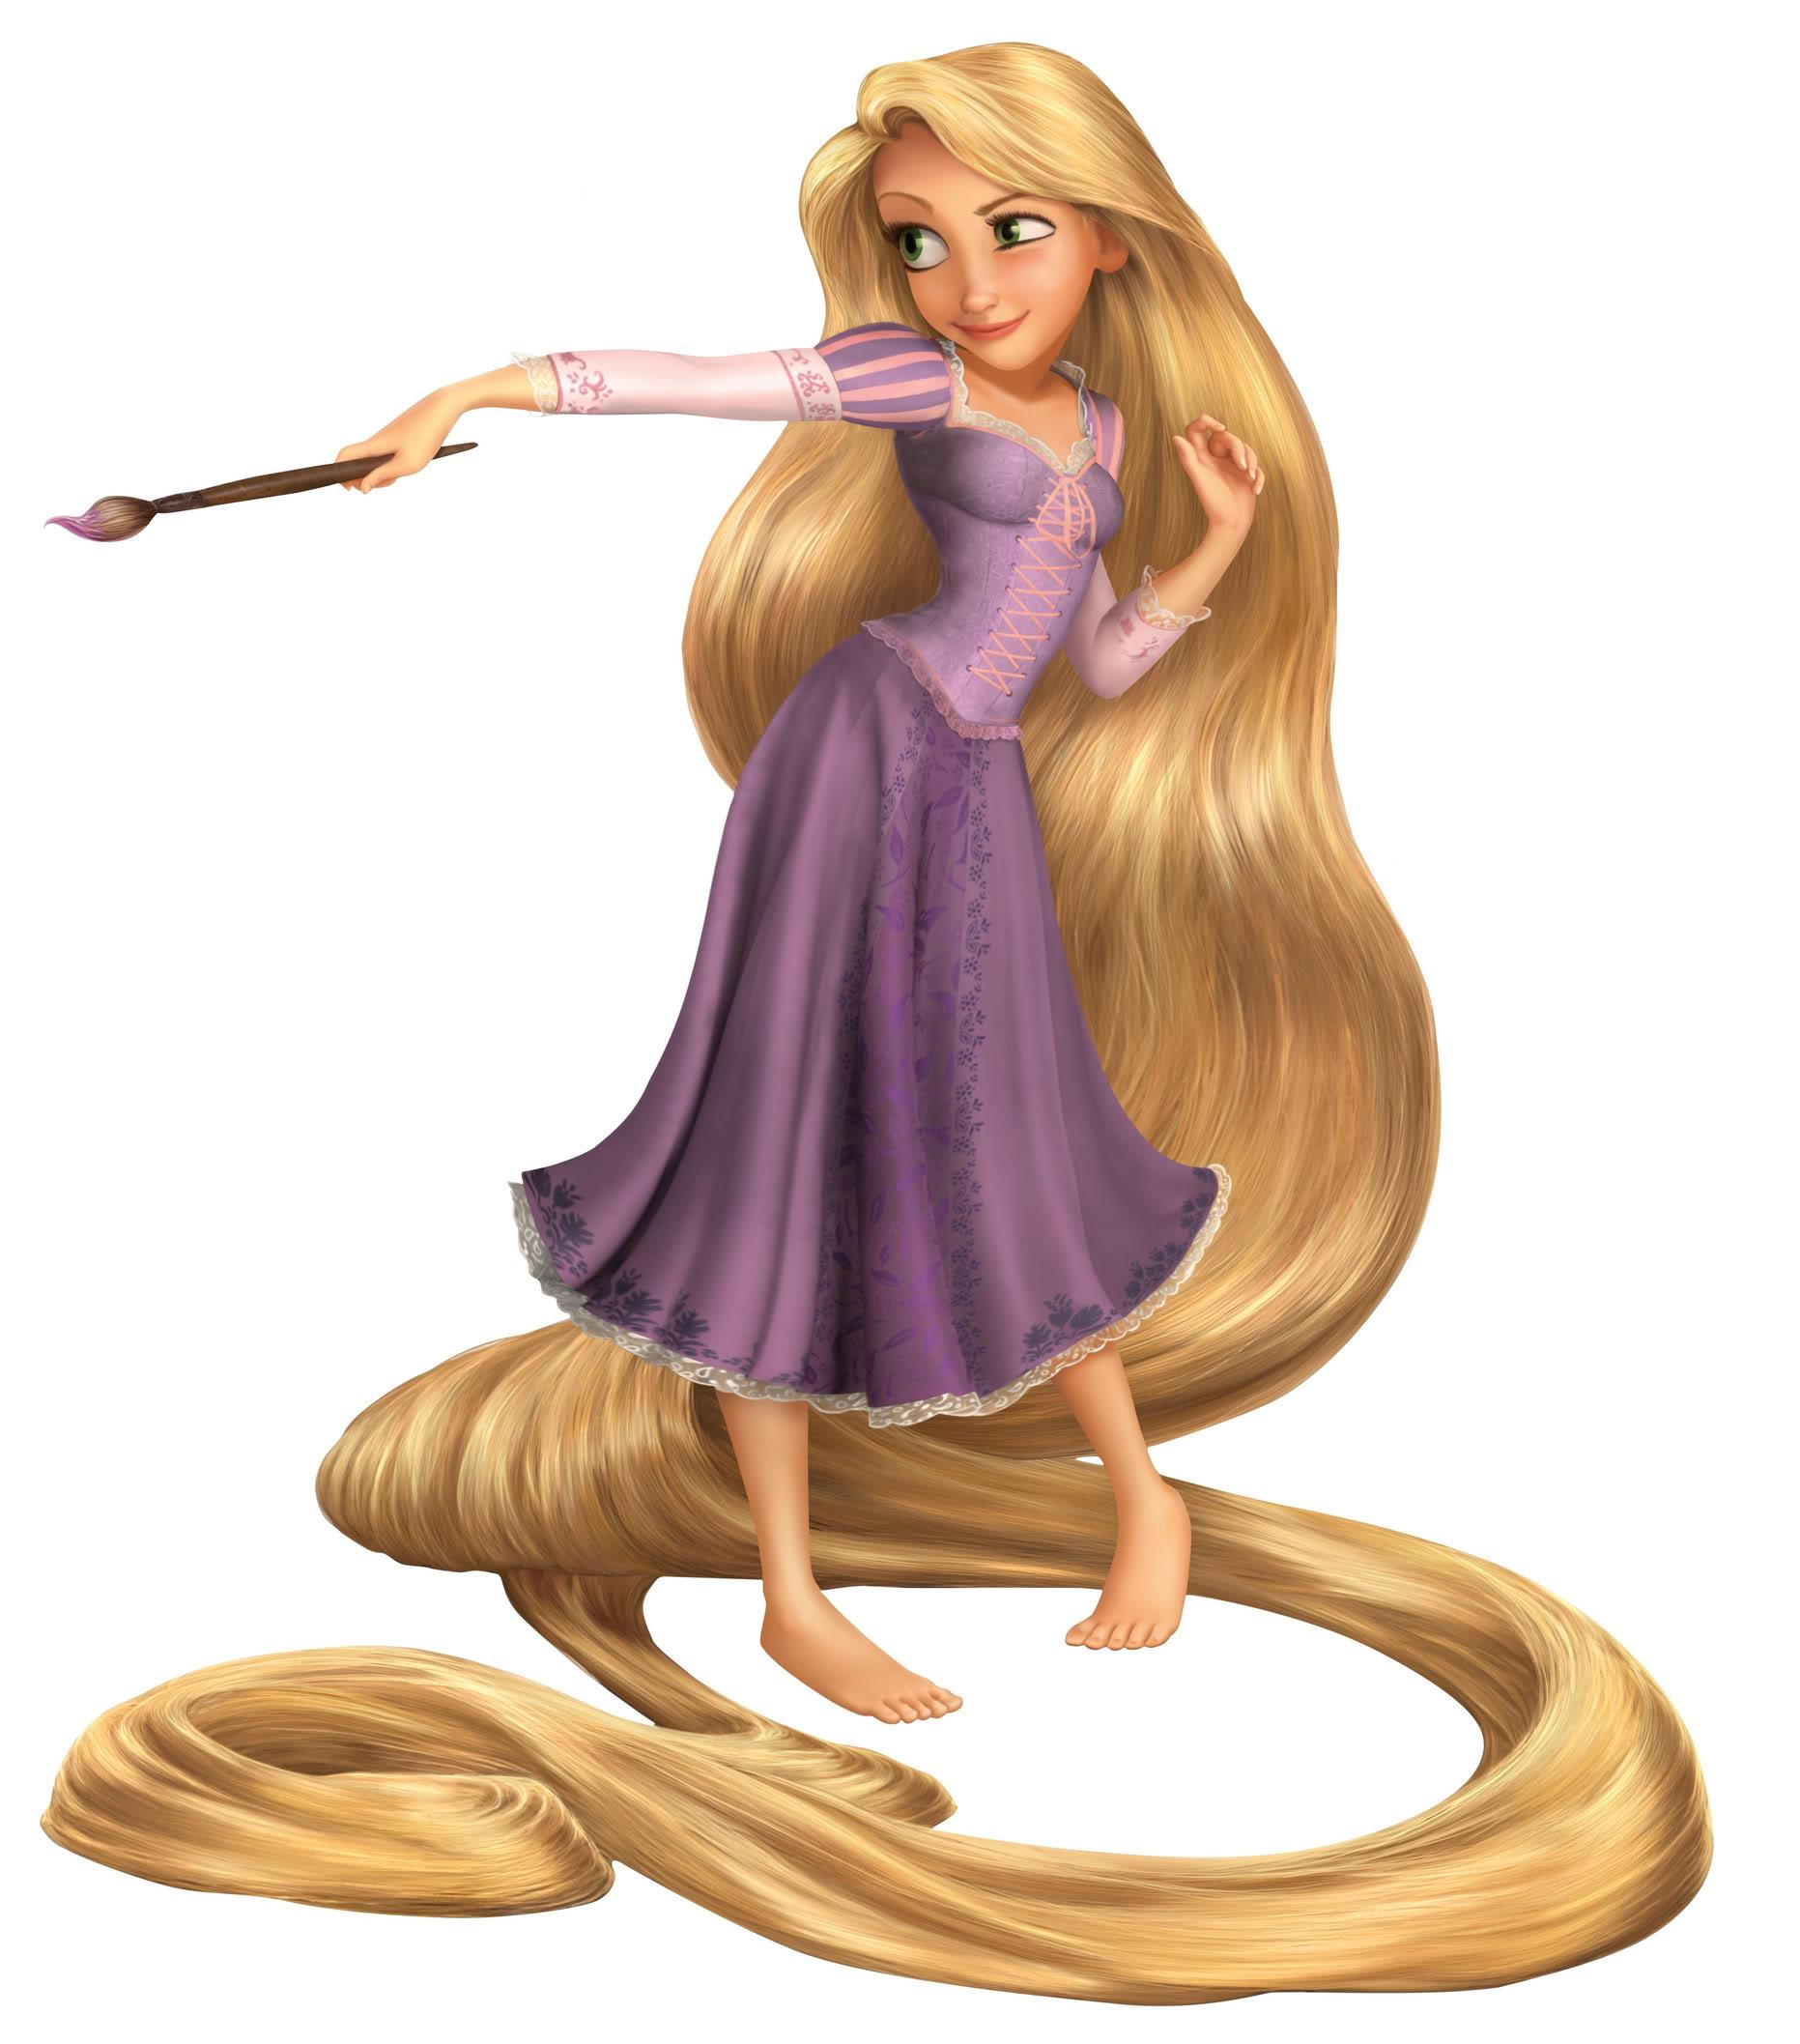 迪士尼公主:《长发公主》乐佩公主,她的长发惊艳,故事图片